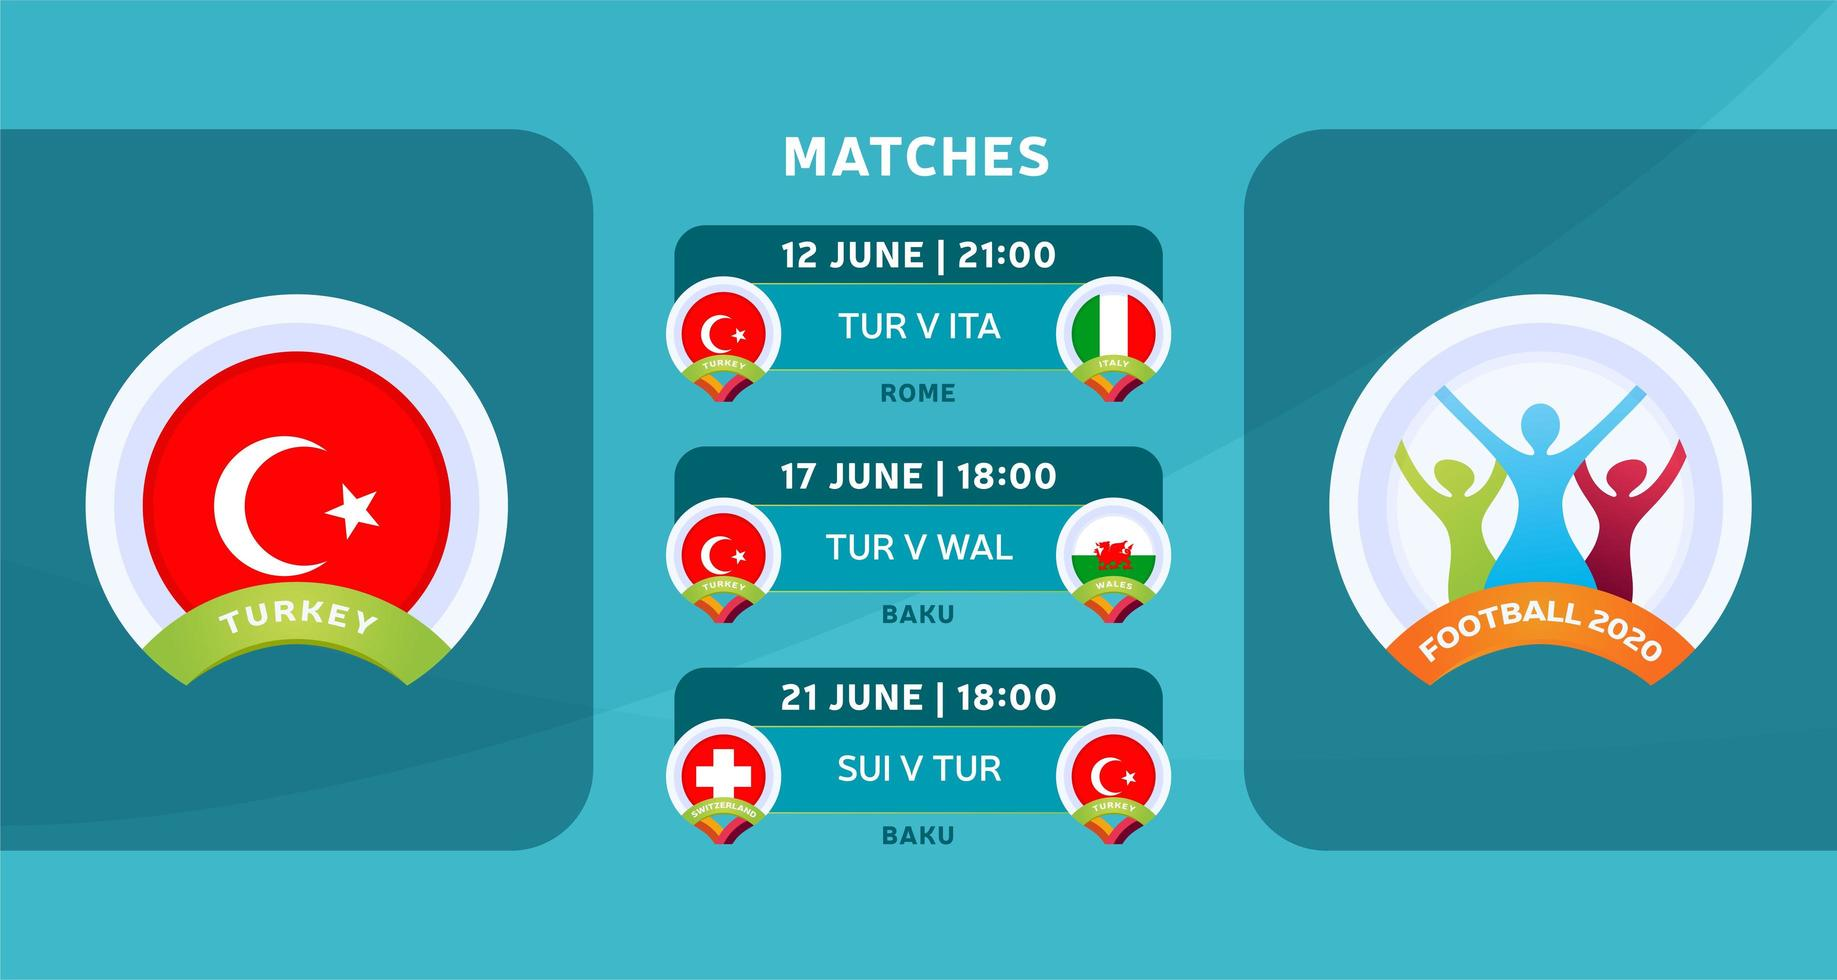 programação de jogos da seleção nacional da Turquia na fase final do campeonato europeu de futebol de 2020. ilustração vetorial com o cascalho oficial das partidas de futebol. vetor